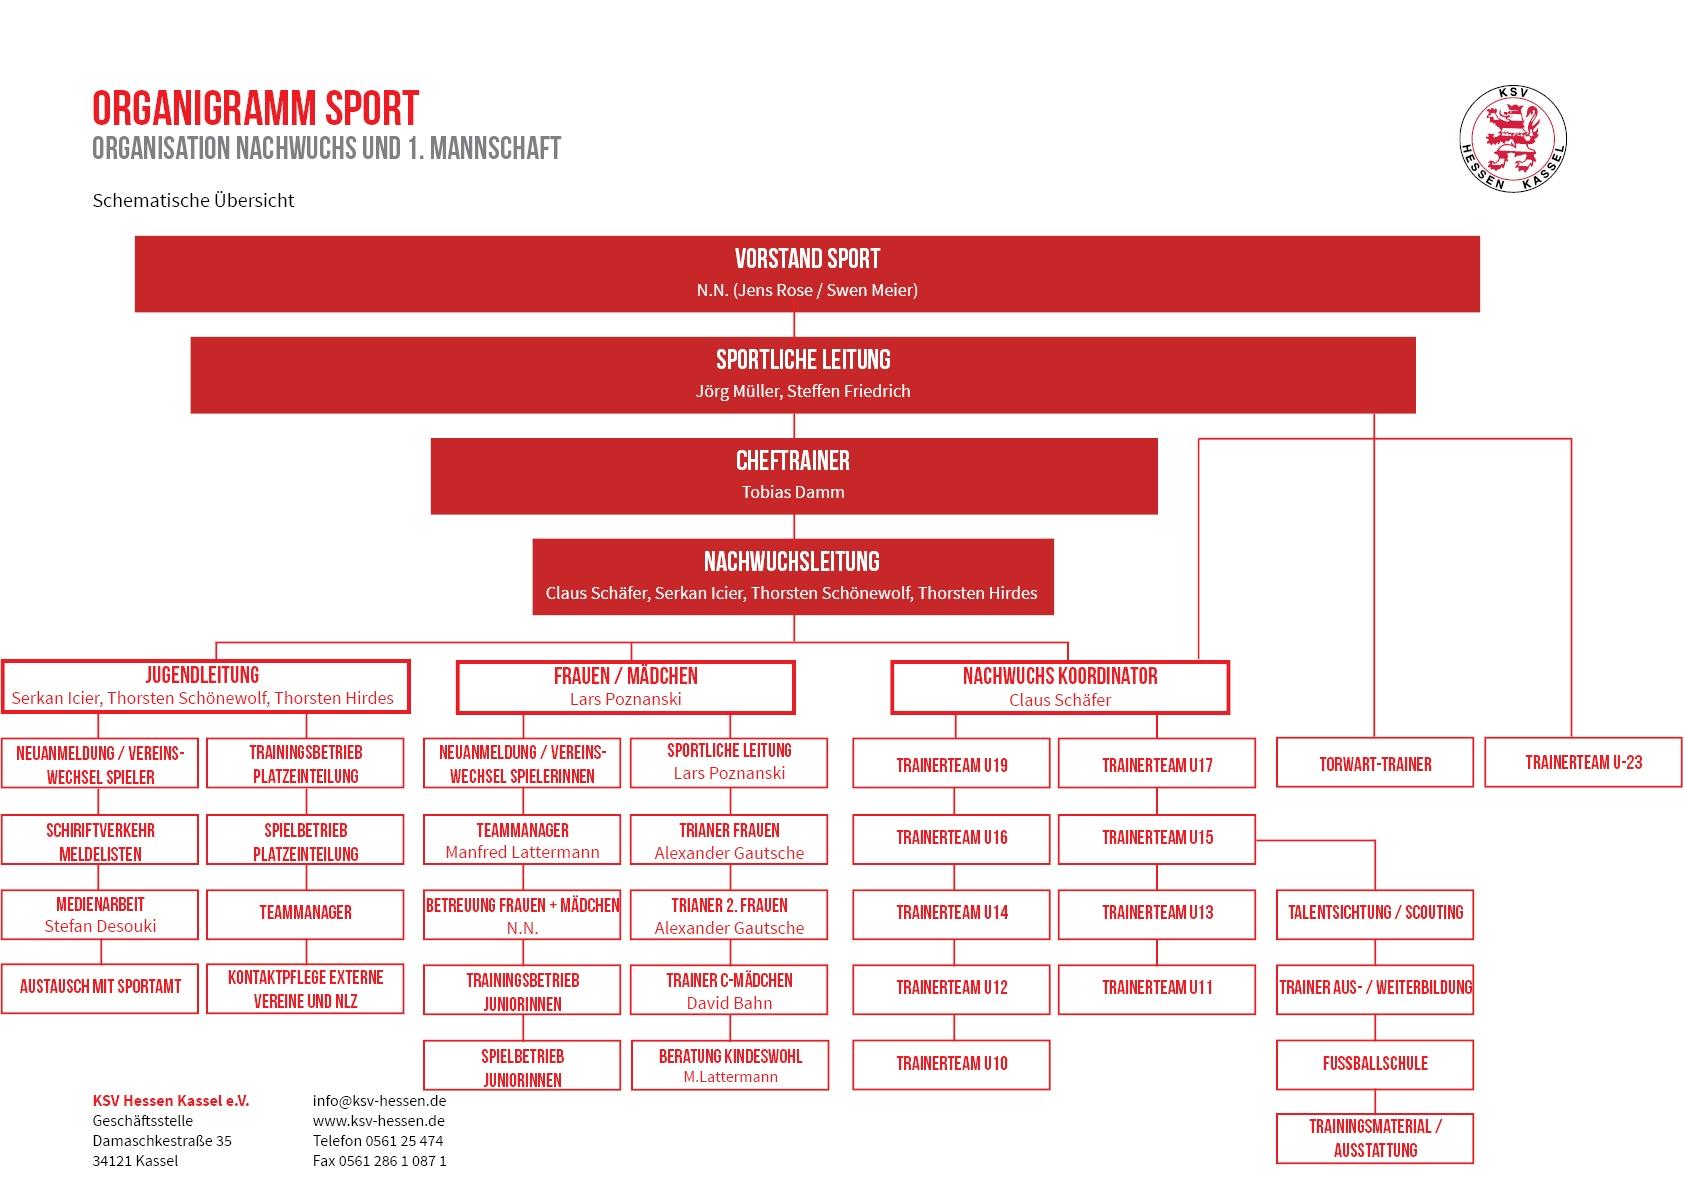 Organigramm 2021-22